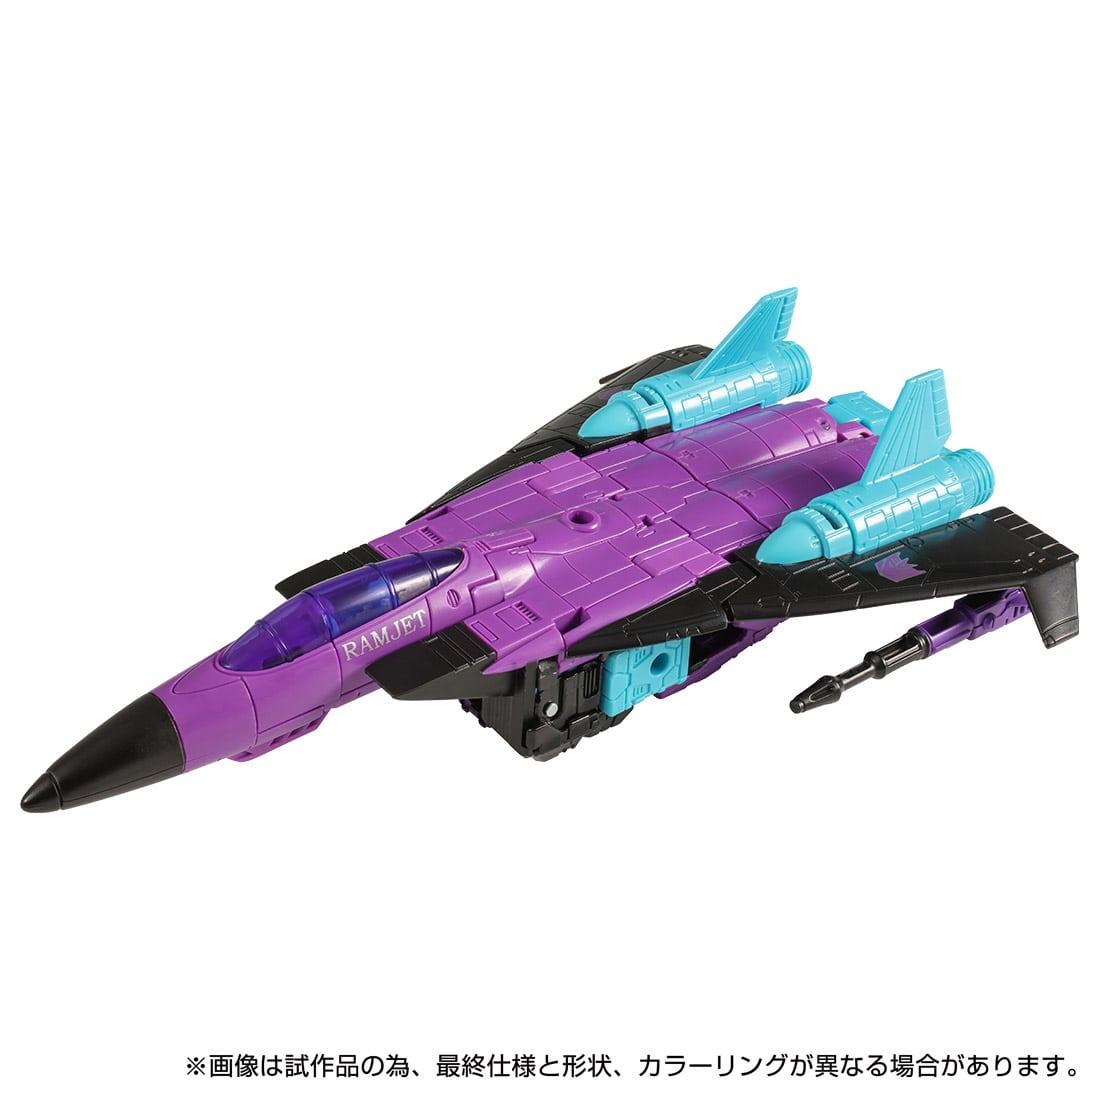 【限定販売】トランスフォーマー GENERATION SELECTS『ラムジェット』可変可動フィギュア-002